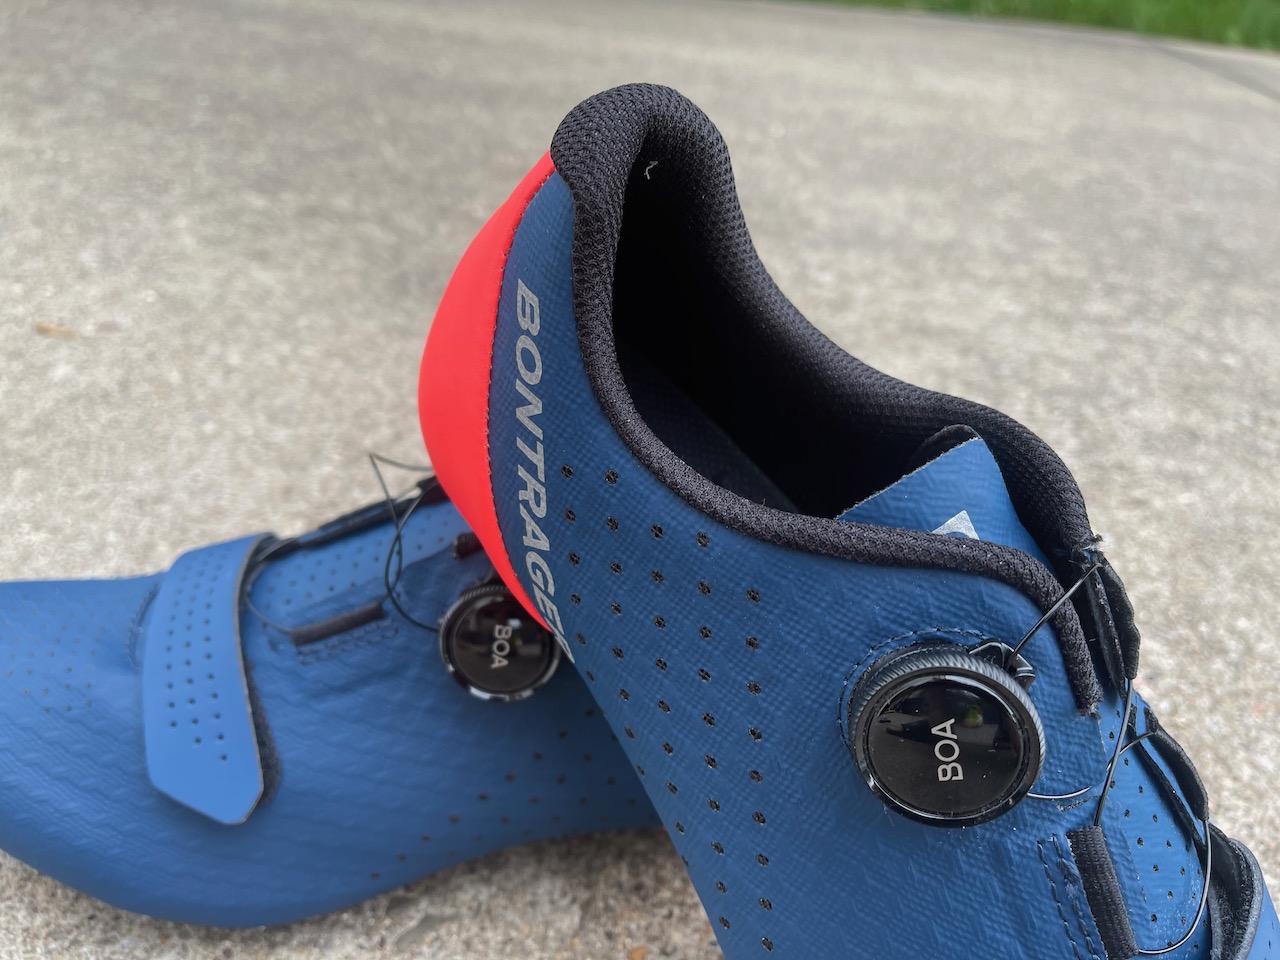 Bontrager Circuit shoe material close up